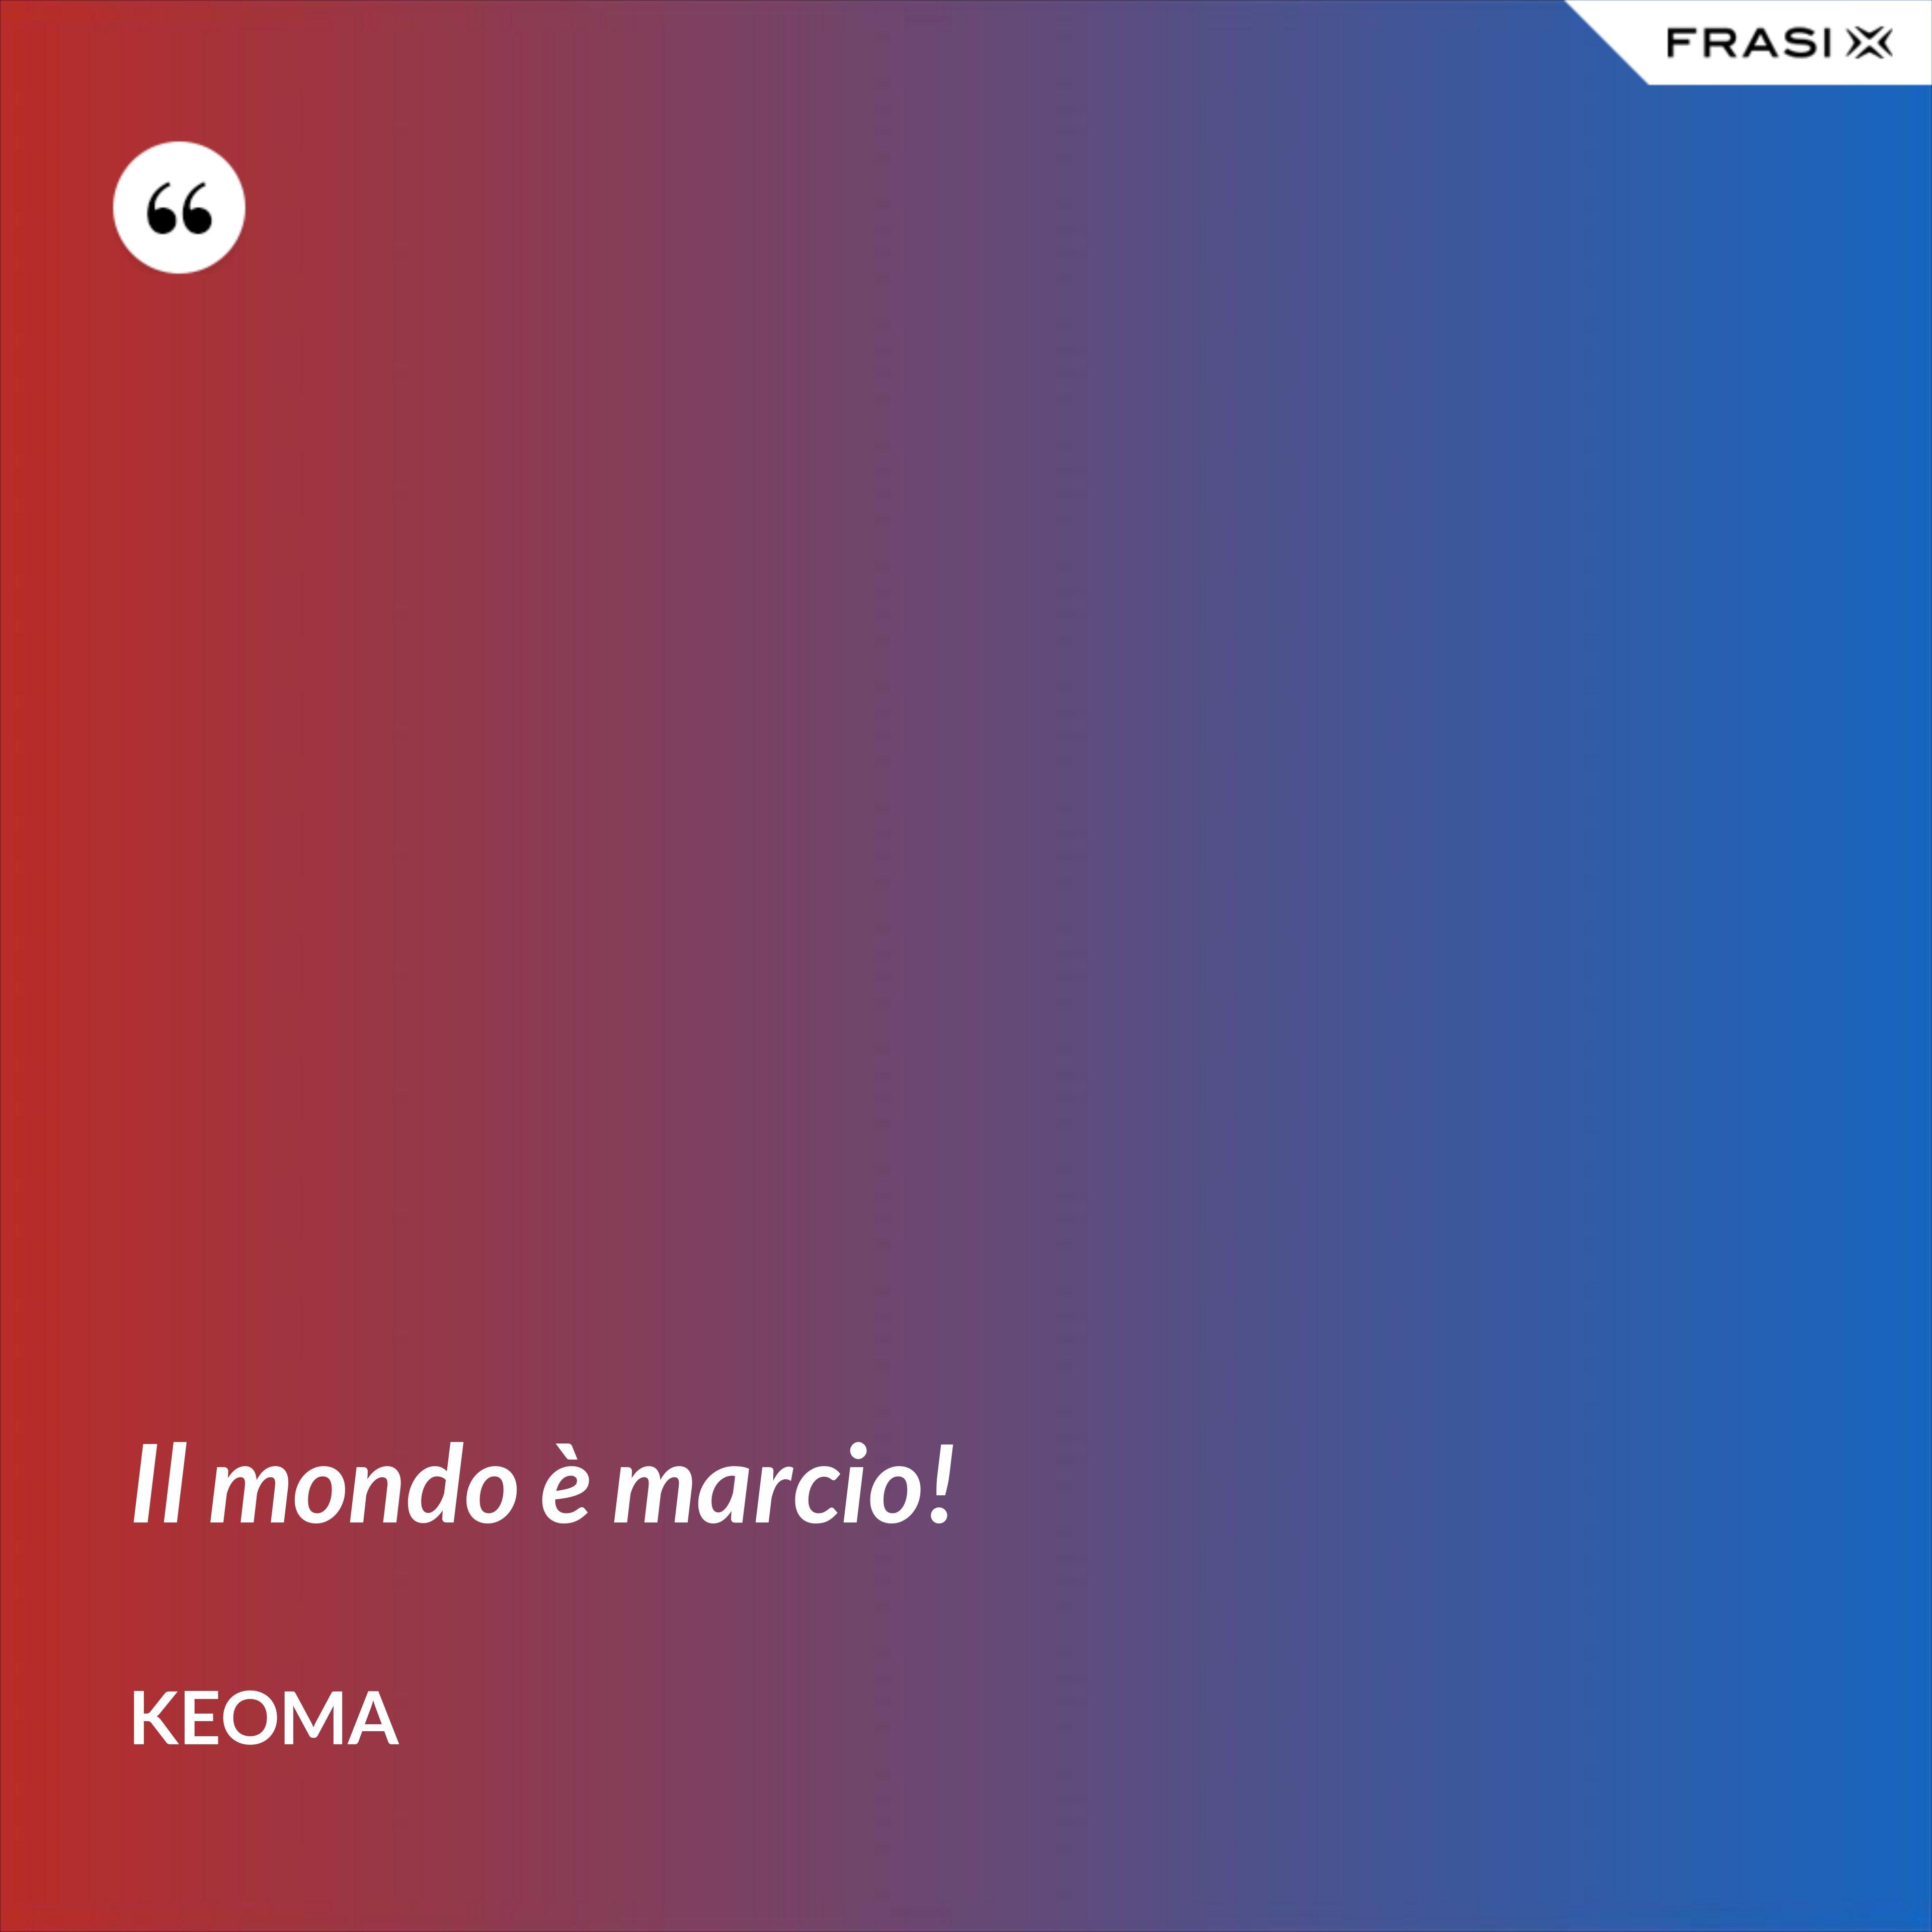 Il mondo è marcio! - Keoma